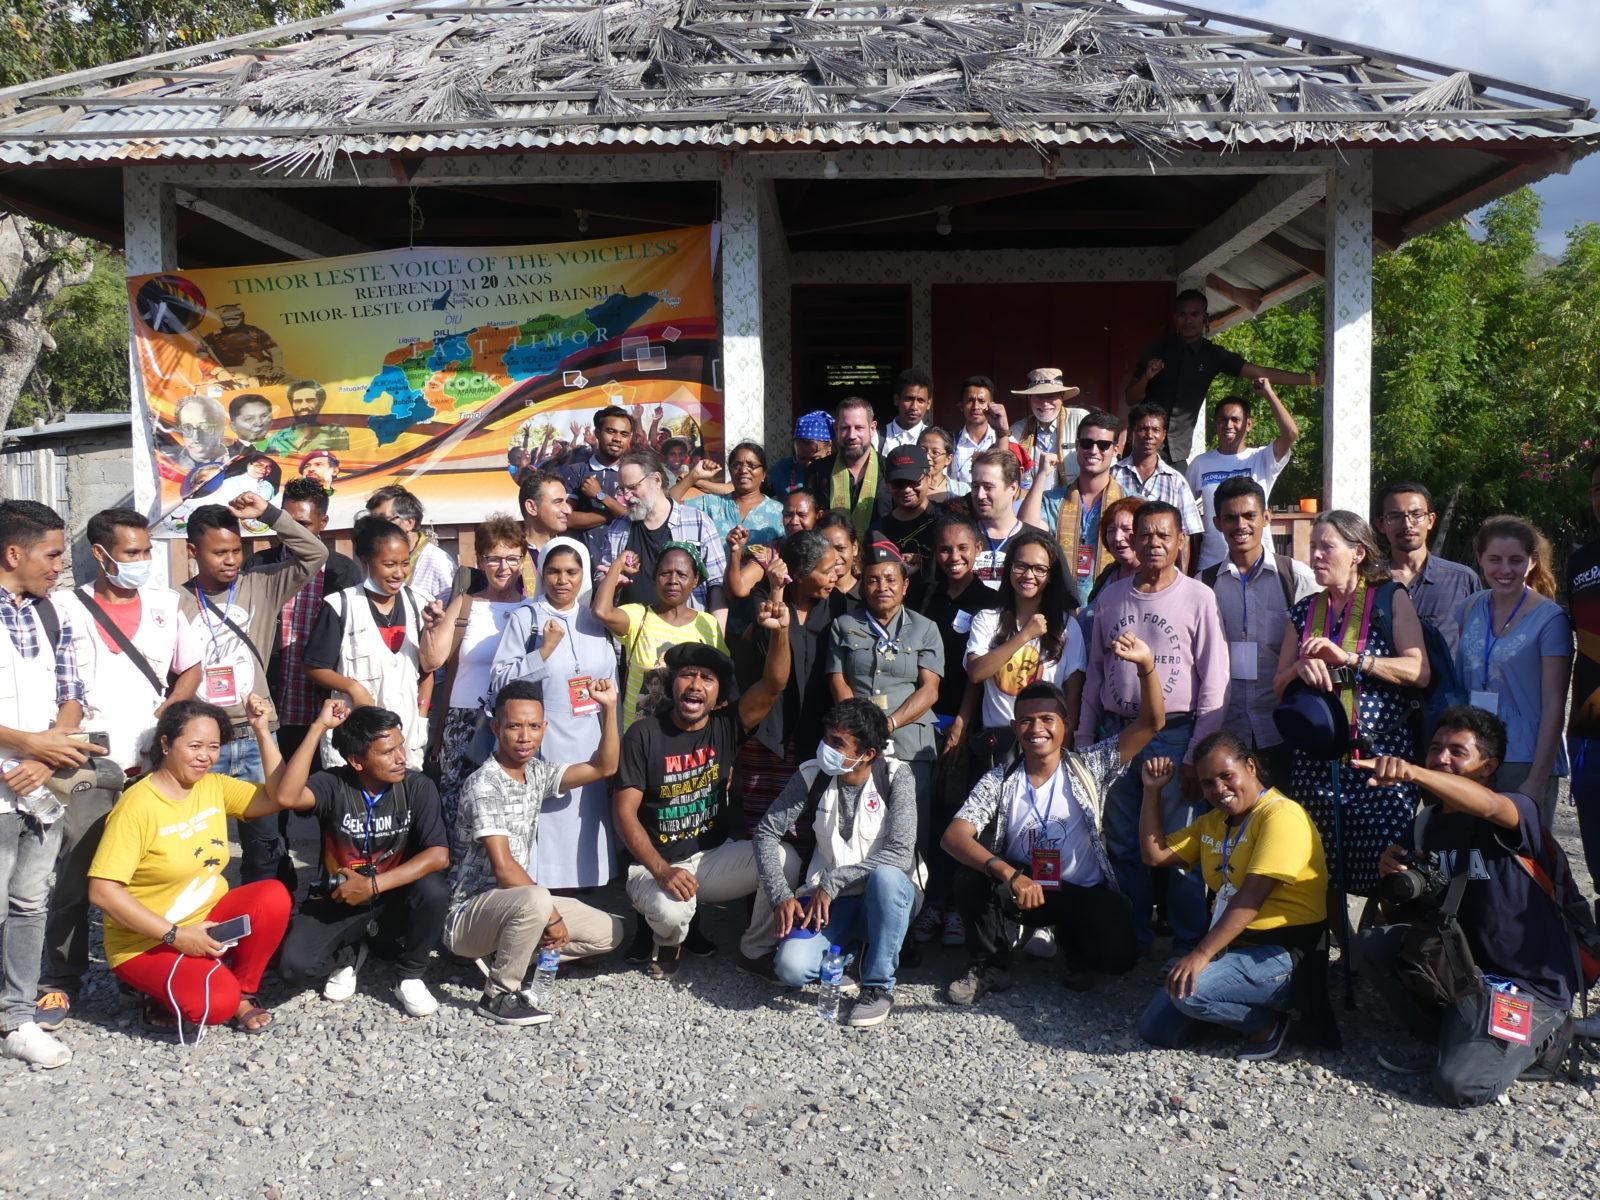 Solidarisch an der Seite von Timor-Leste: Damals wie heute © Monika Schlicher